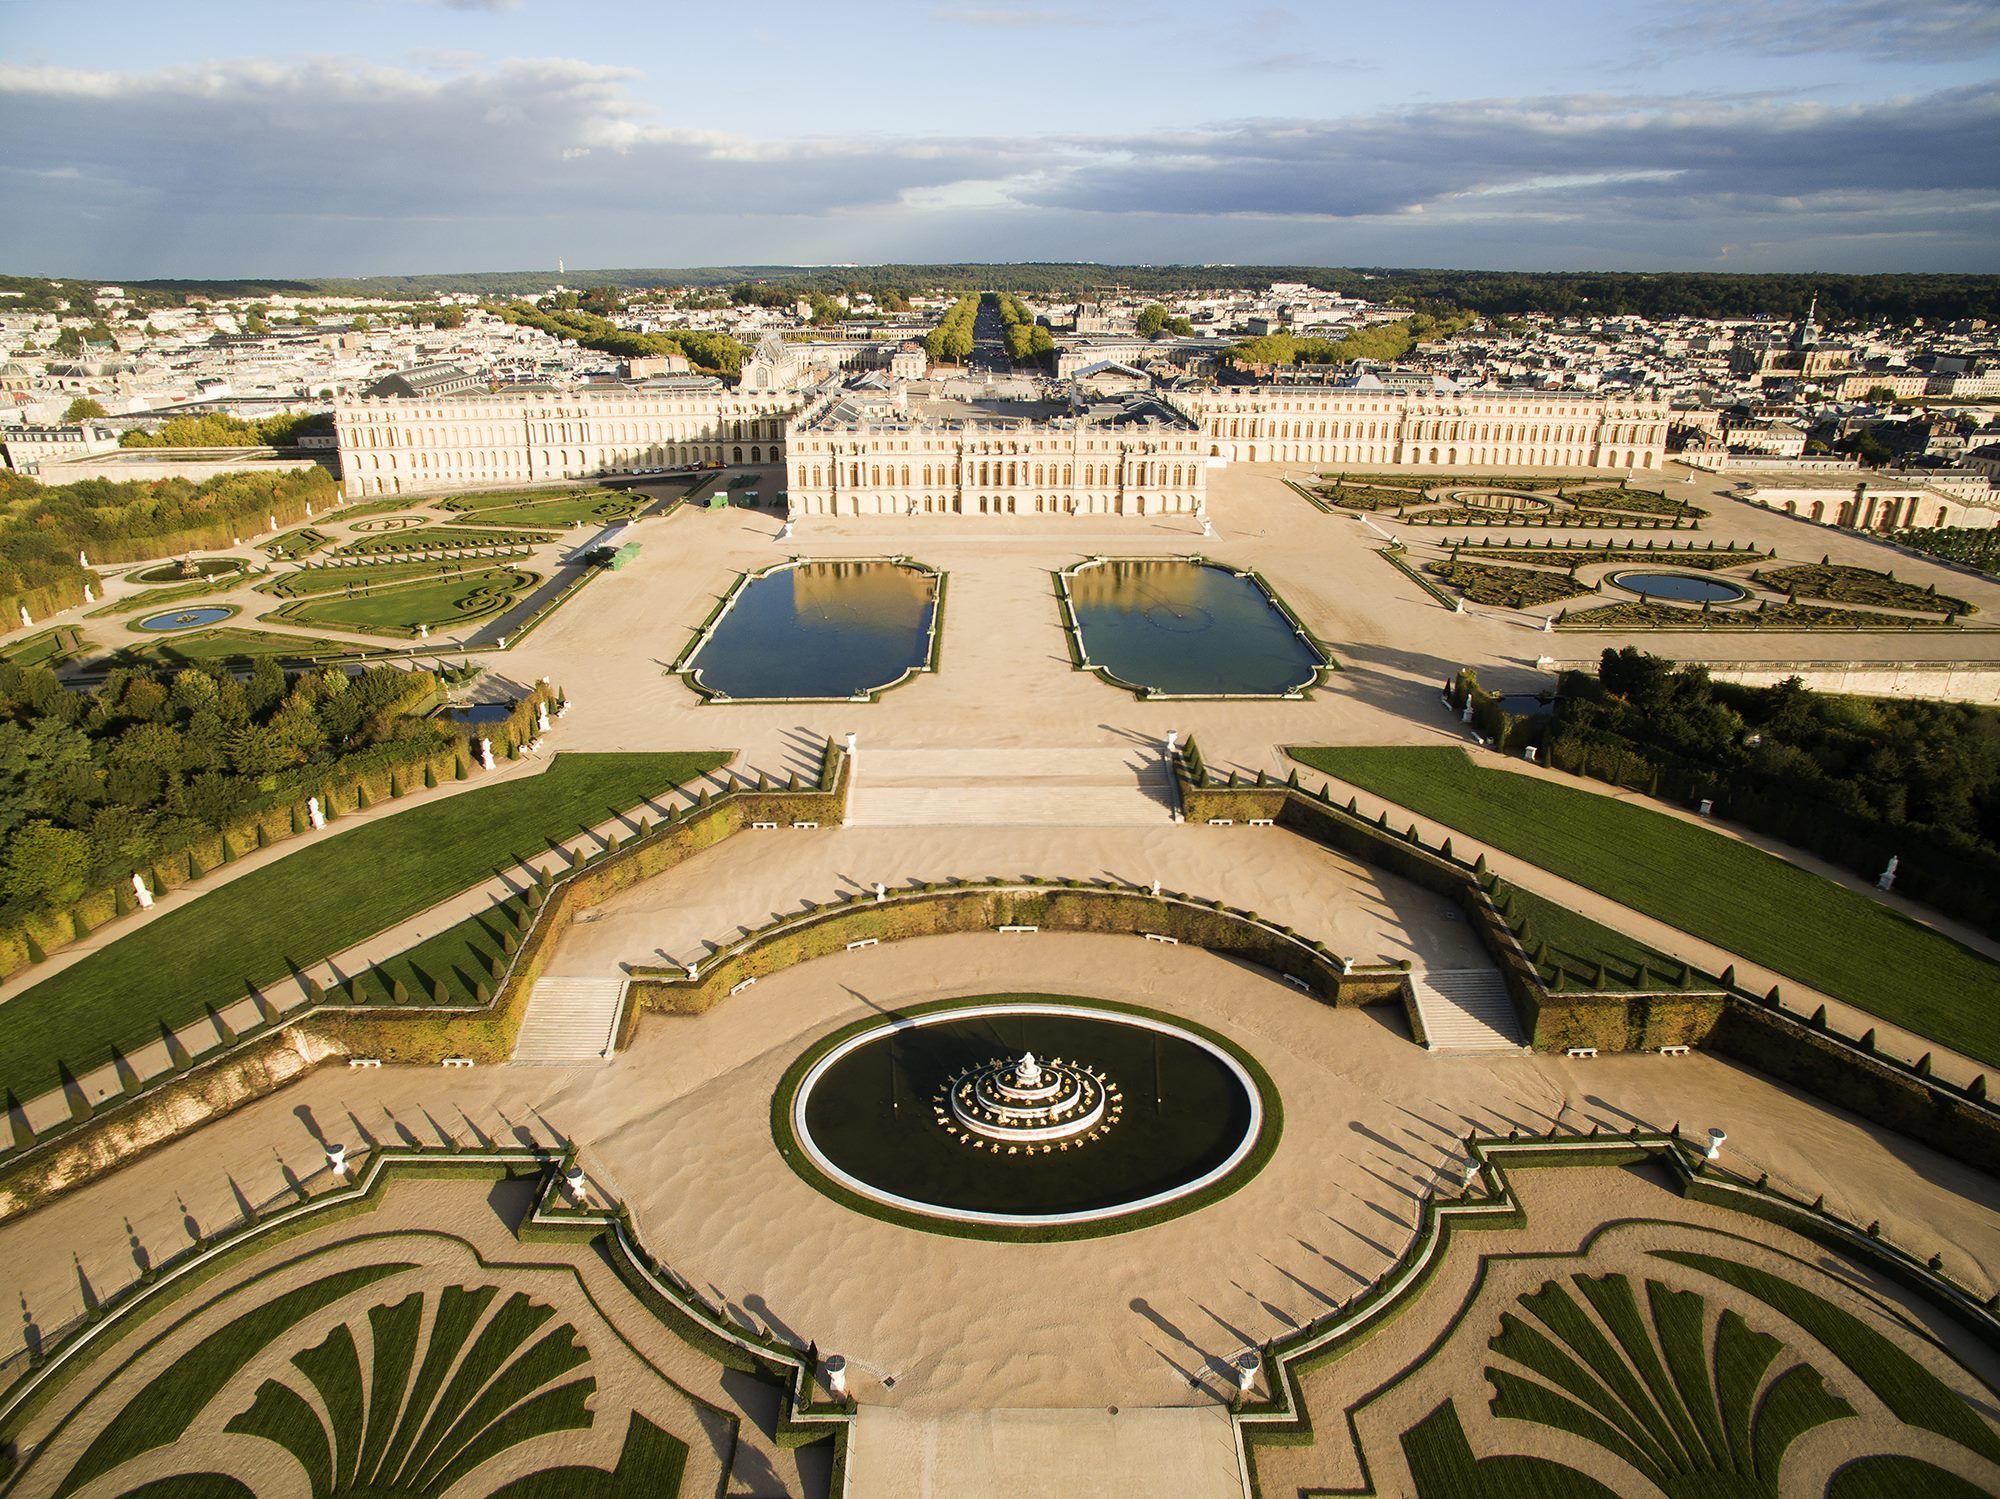 Vue a rienne du ch teau et des jardins de versailles - Jardin du chateau de versailles gratuit ...